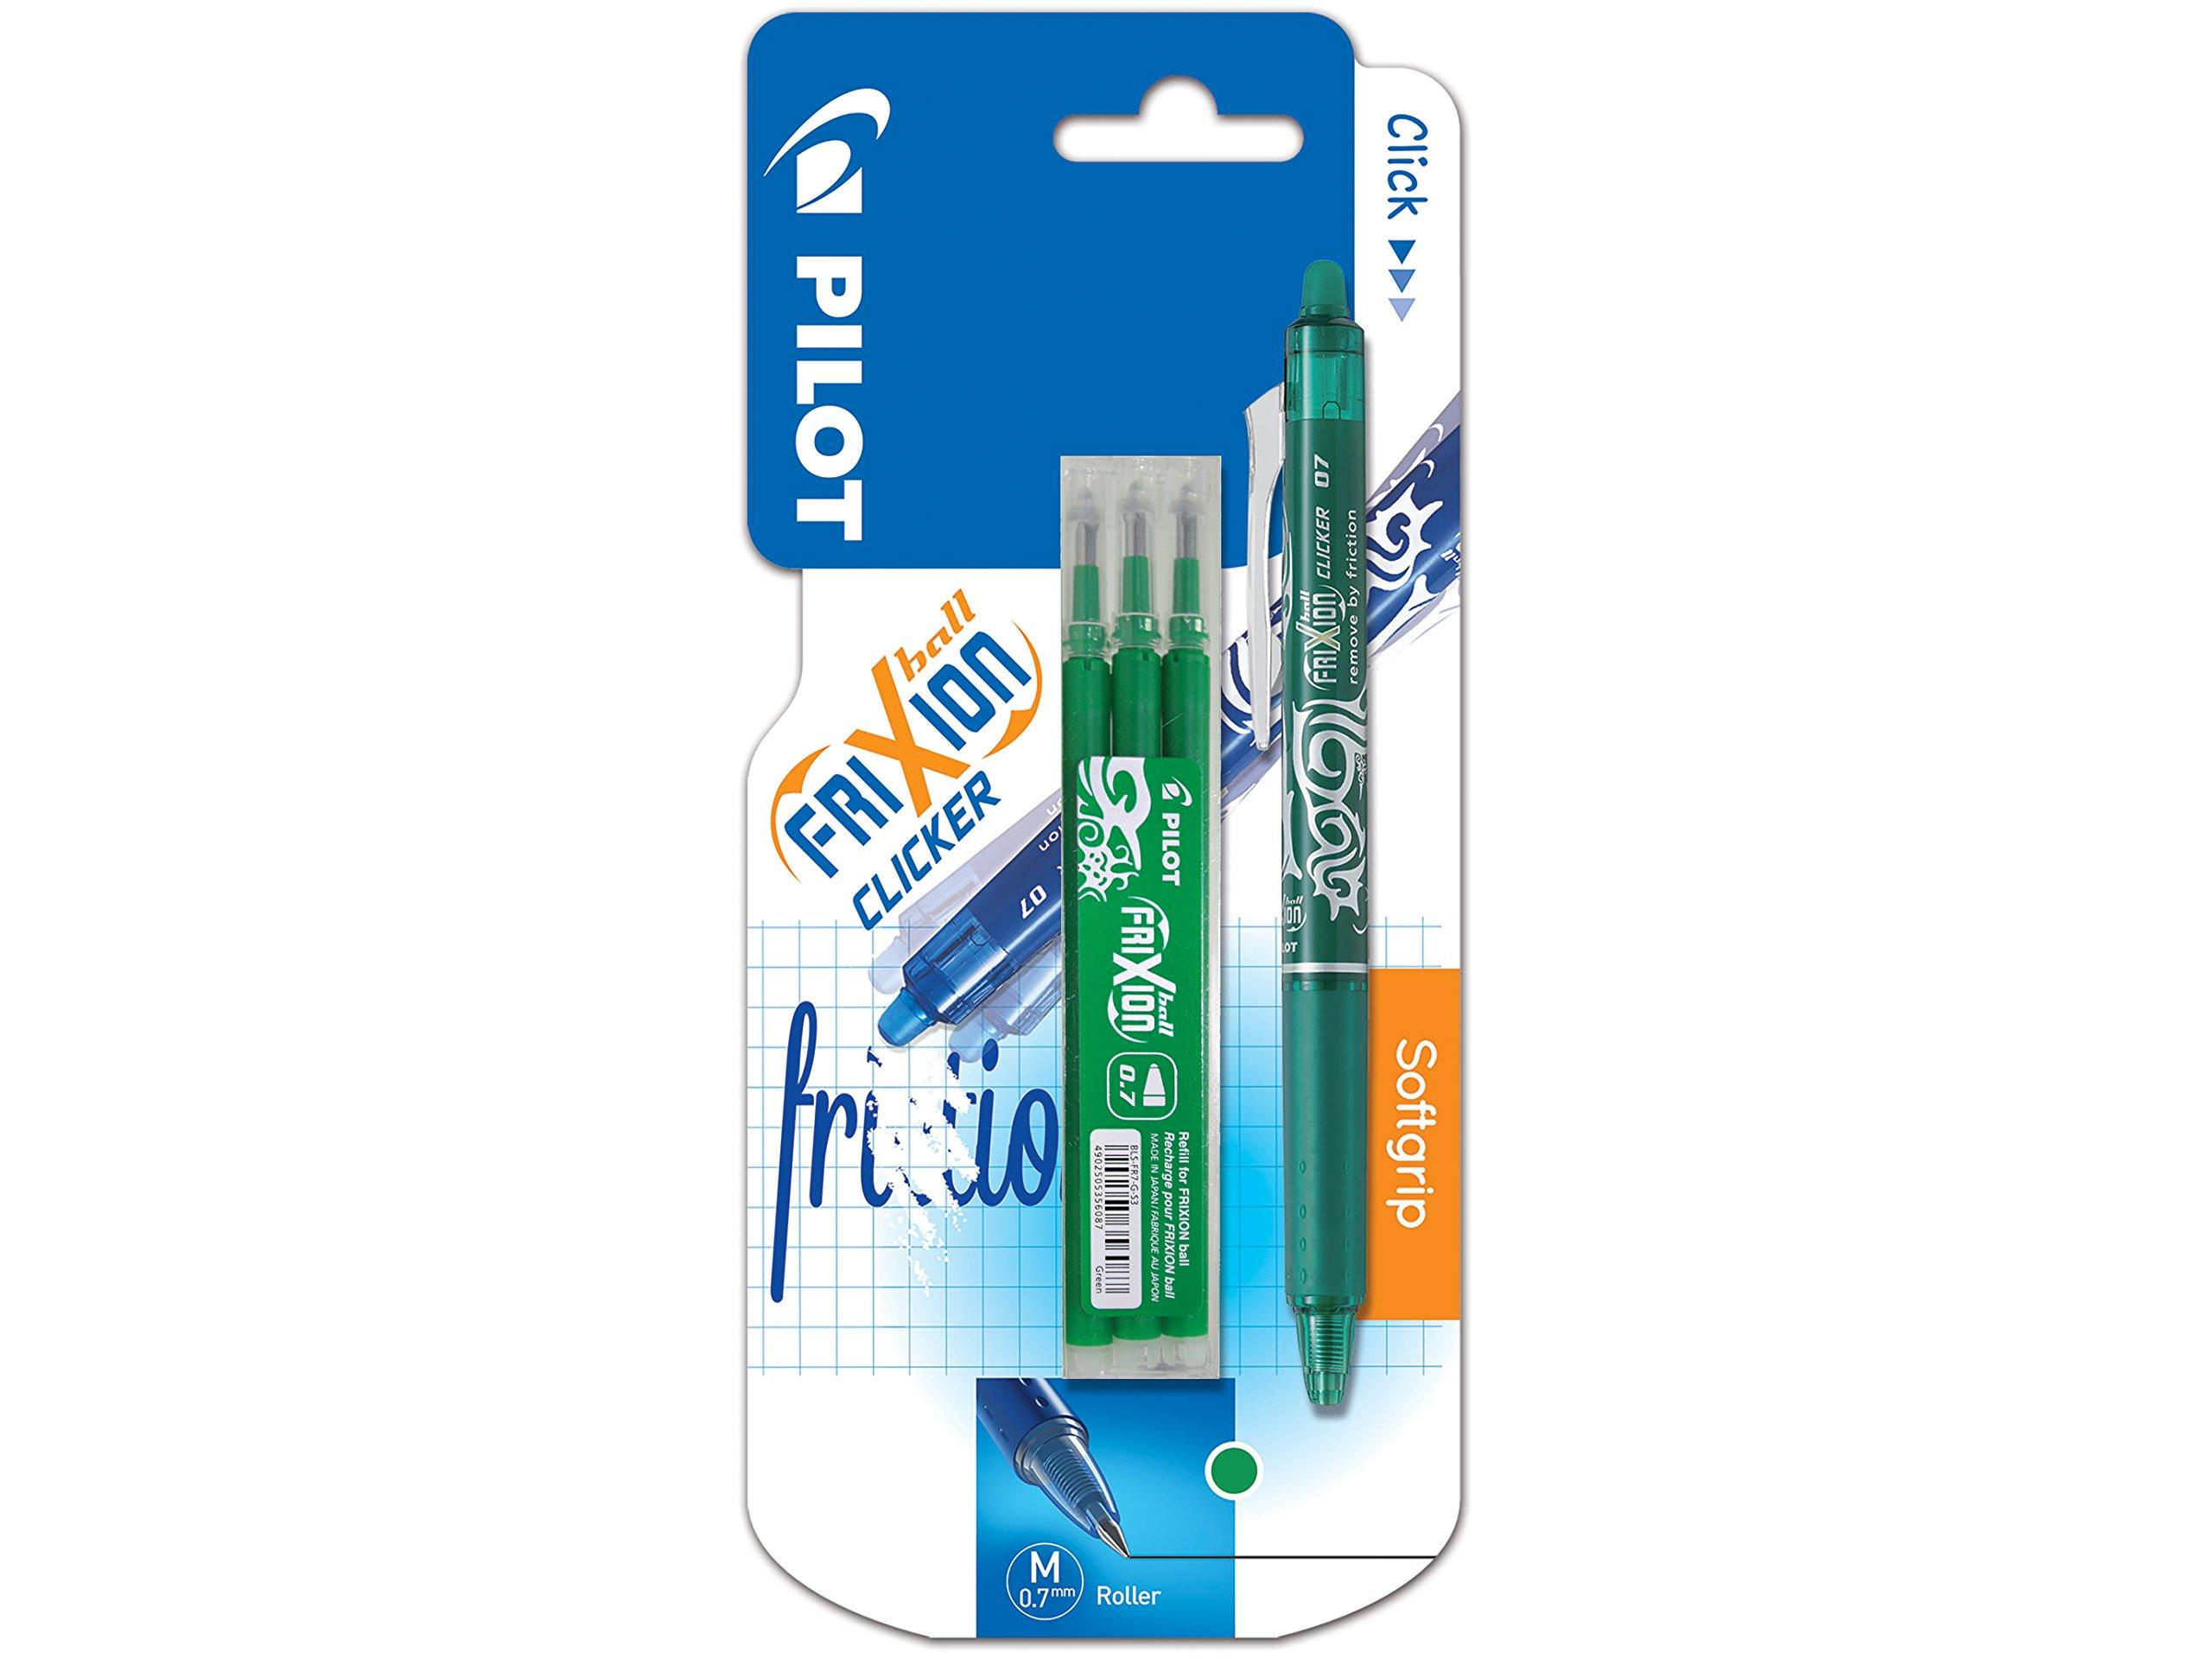 Pilot - Estuche de 3 bolígrafos roller (tinta de gel, termosensibles, punta mediana), color verde: Amazon.es: Oficina y papelería